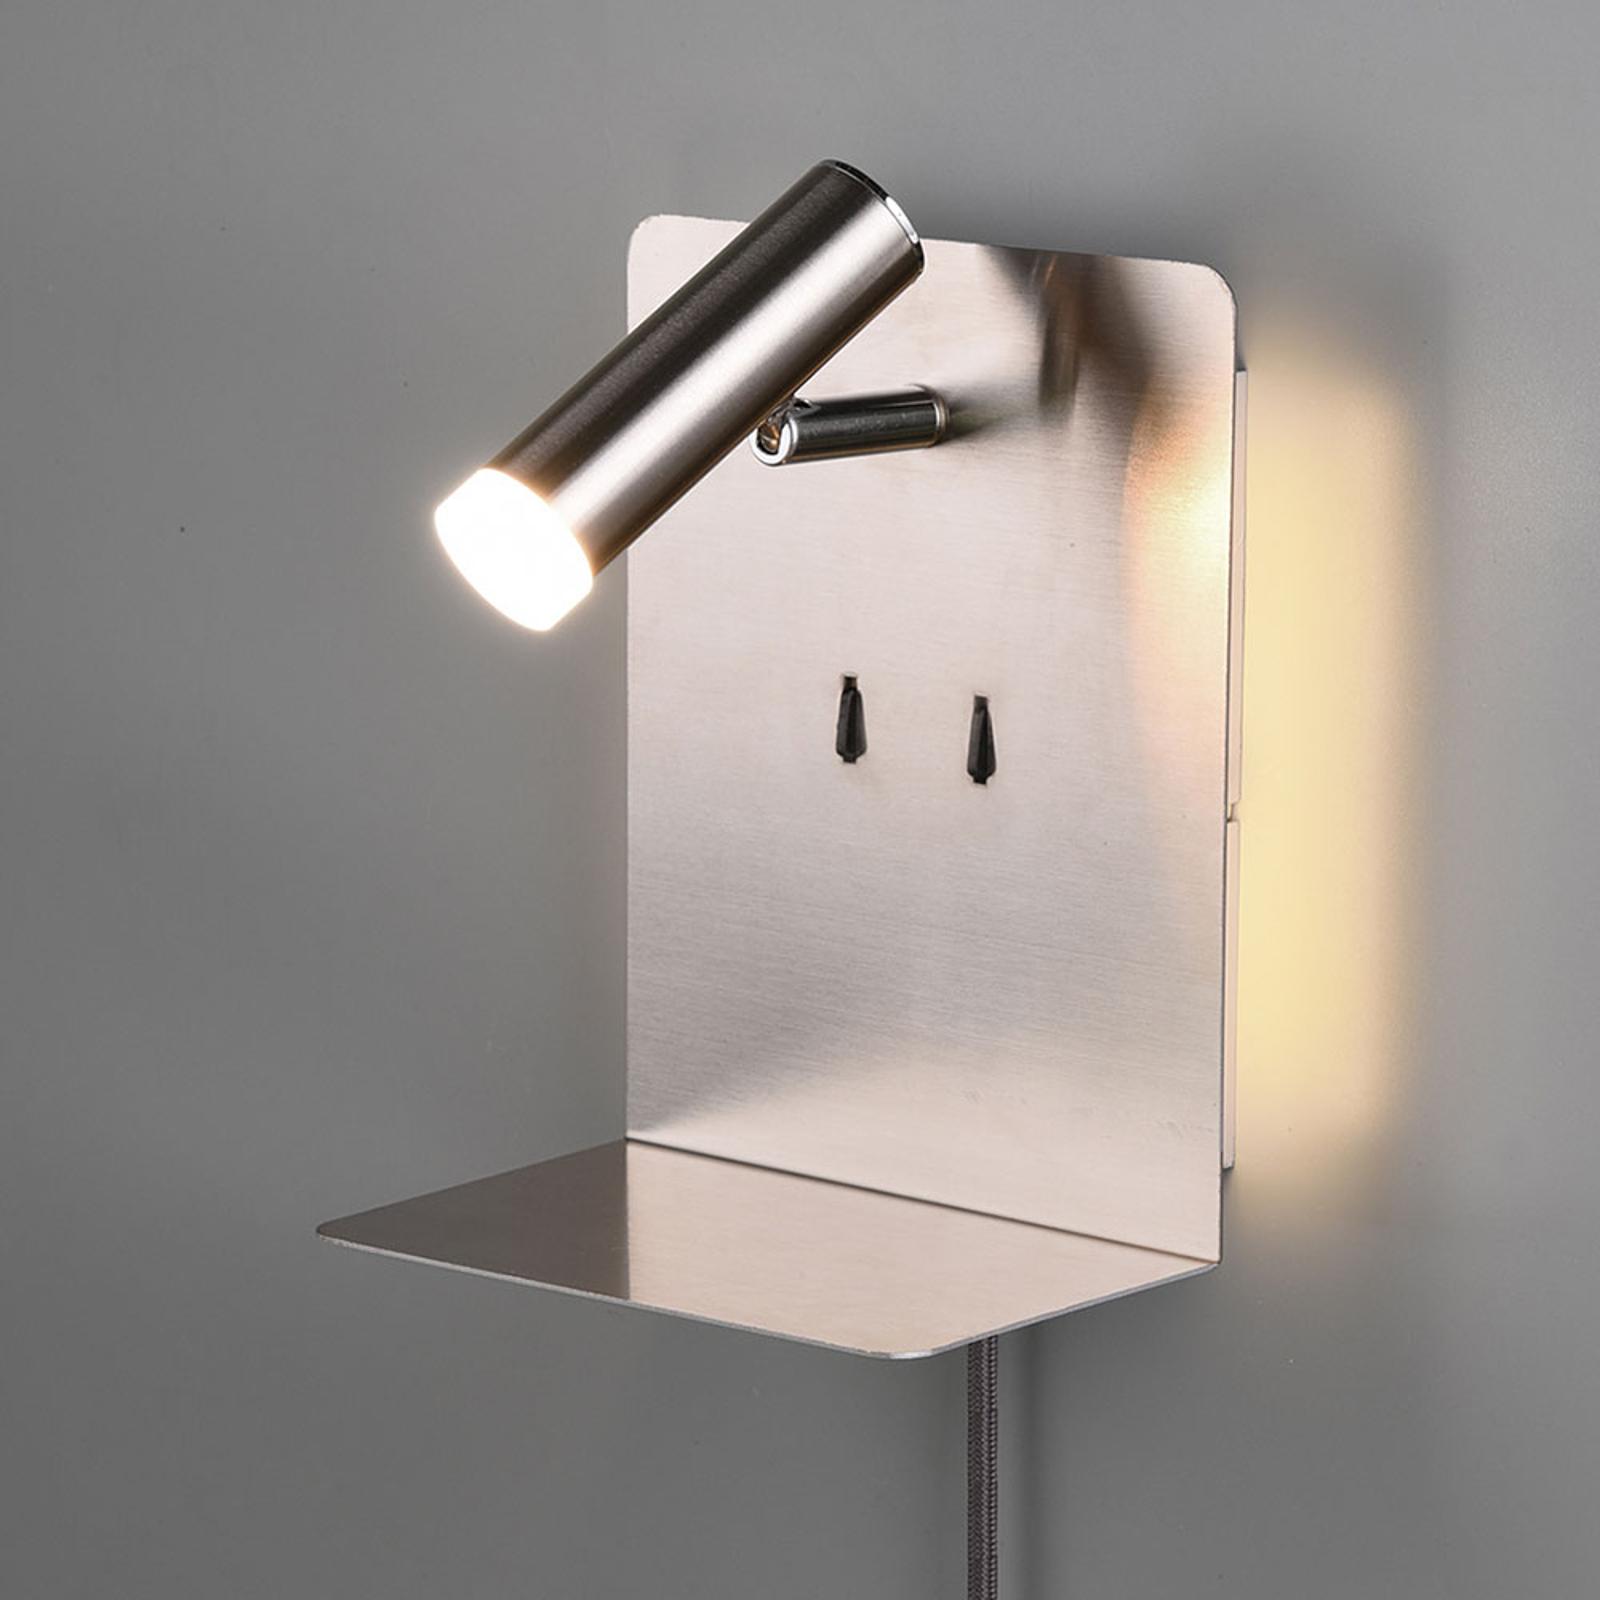 LED-Wandlampe Element mit Ablage nickel matt